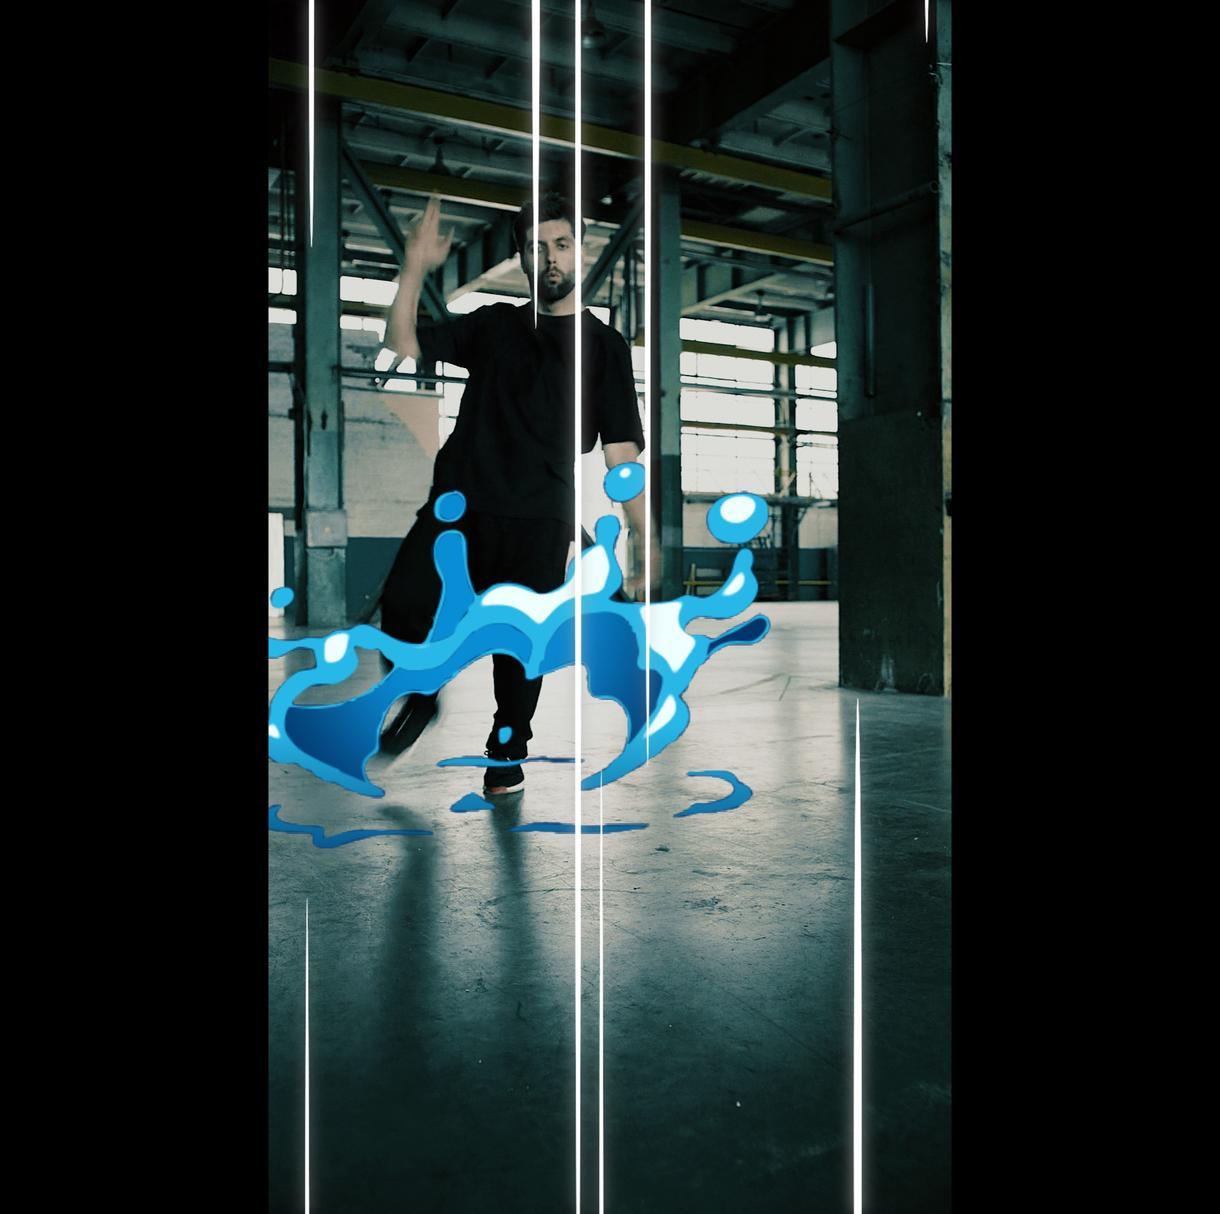 SNS映え!ファッショナブルな動画を作成いたします トレンドでもある液体的な2Dアニメーションを実写に合成します